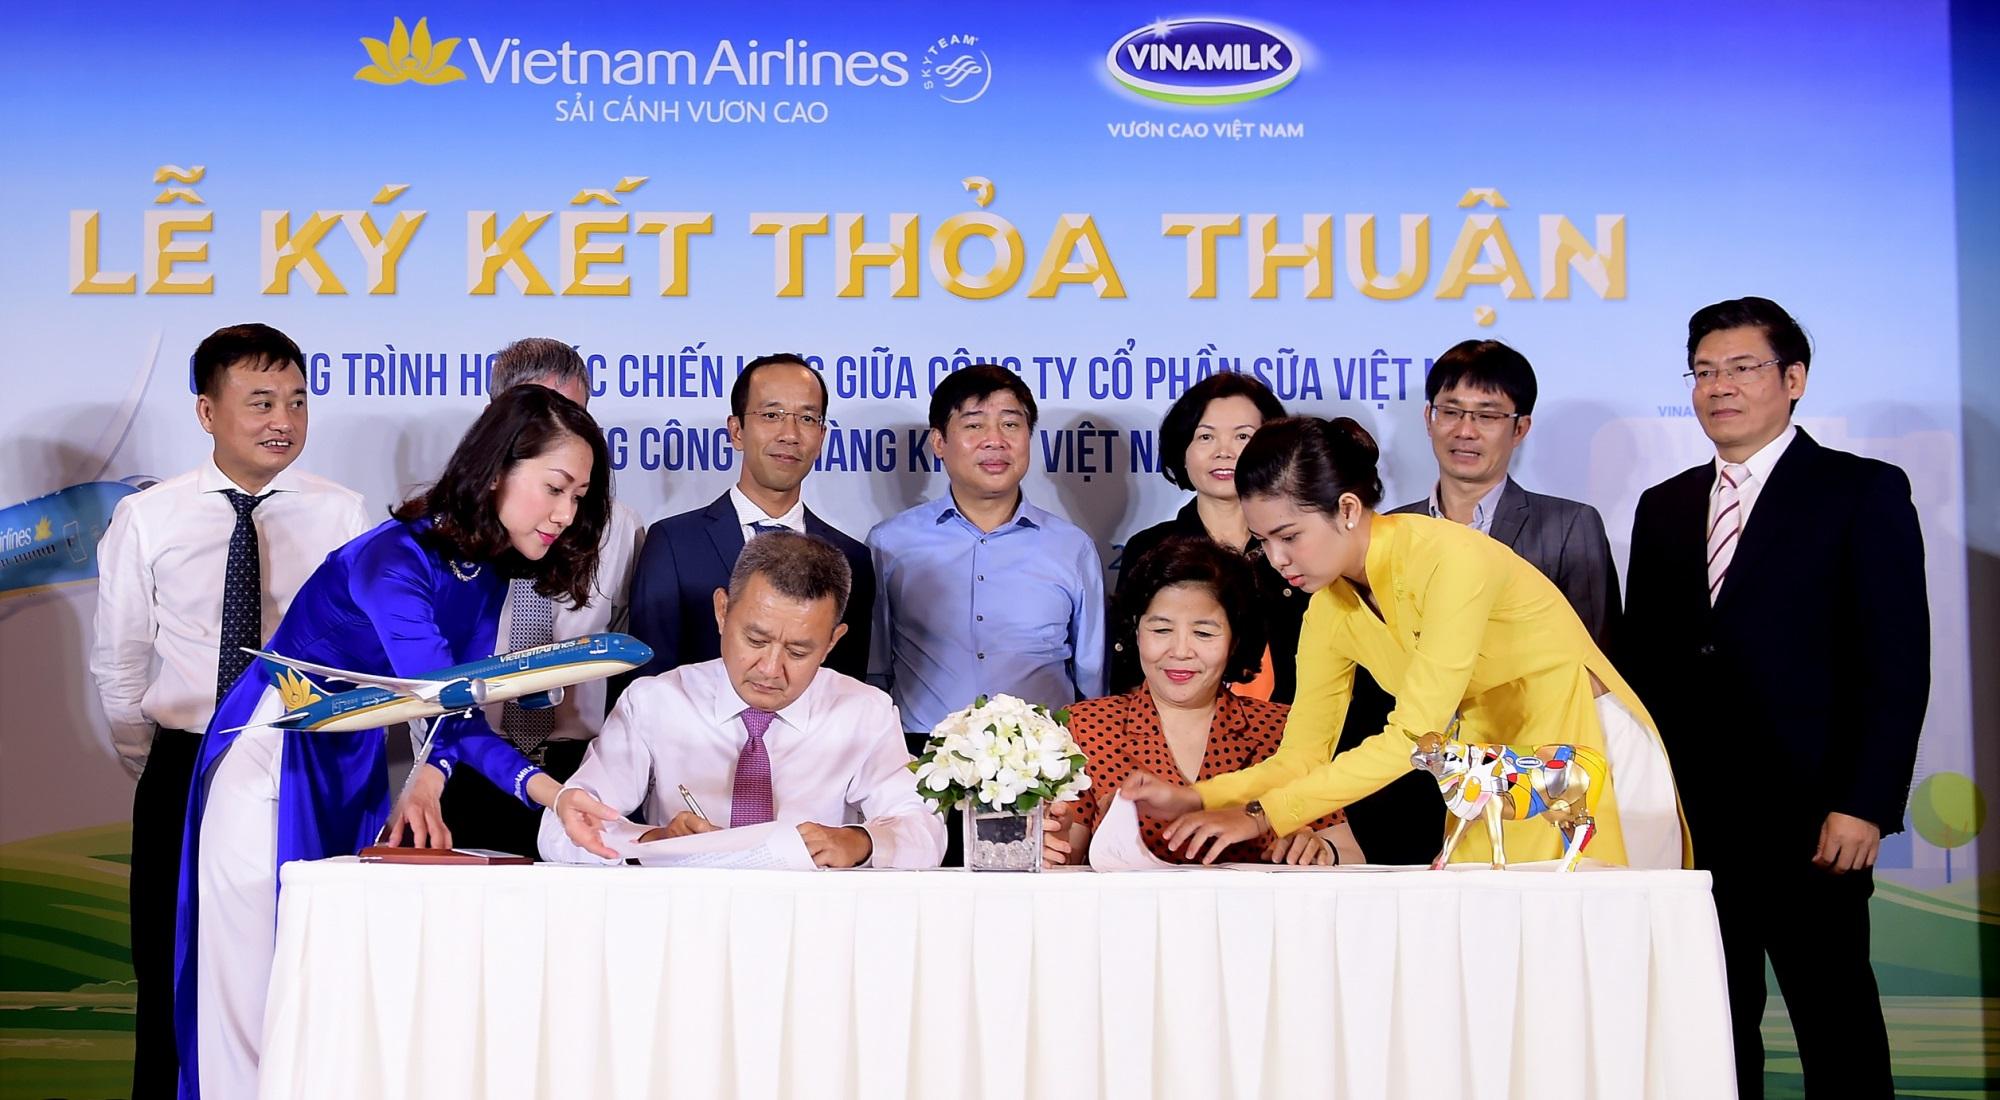 Vietnam Airlines và Vinamilk hợp tác chiến lược cùng phát triển thương hiệu vươn tầm quốc tế - Ảnh 3